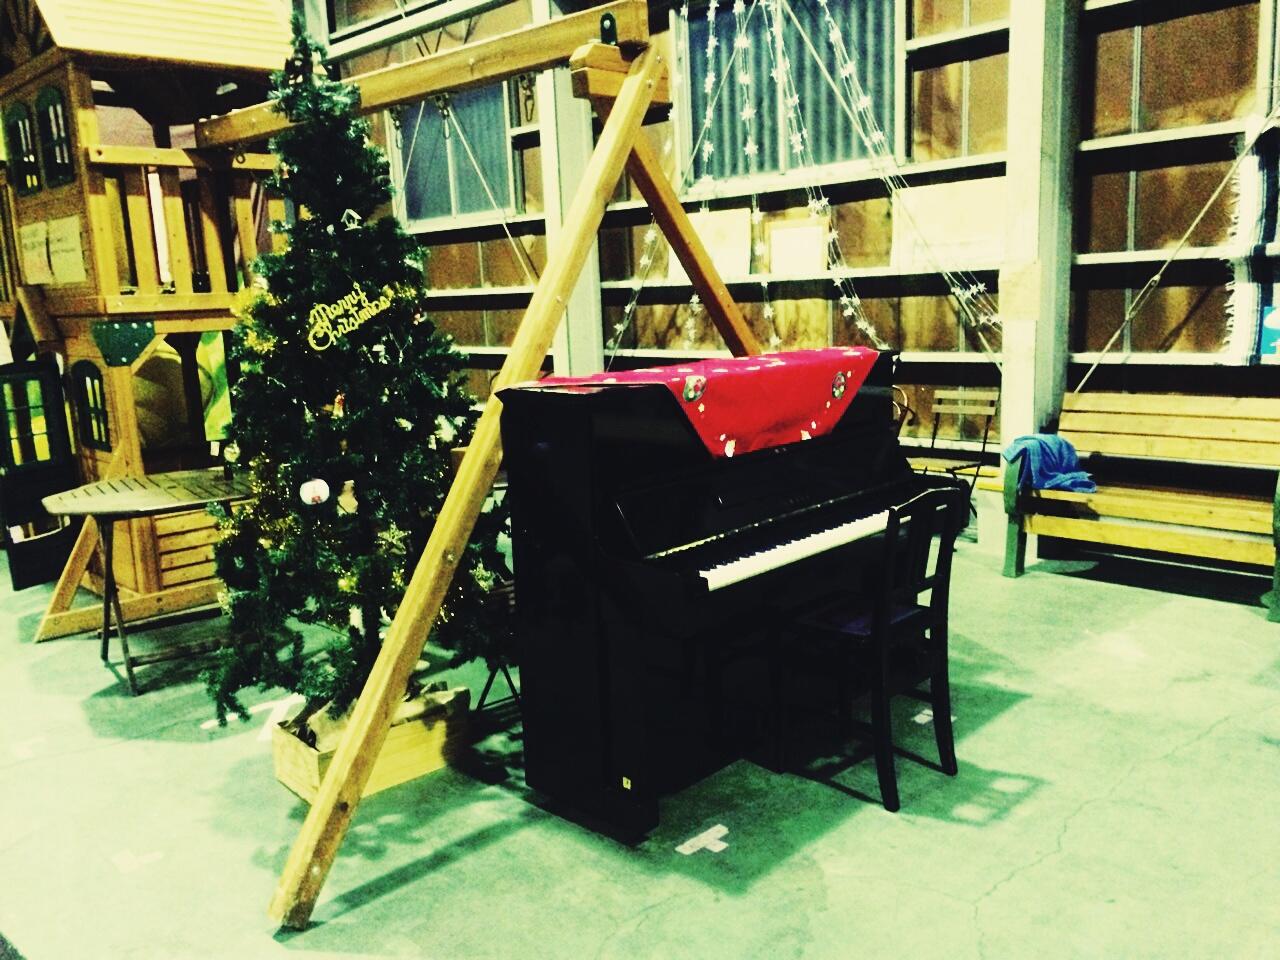 HAPPyHAPPy!CHRISTMAS!